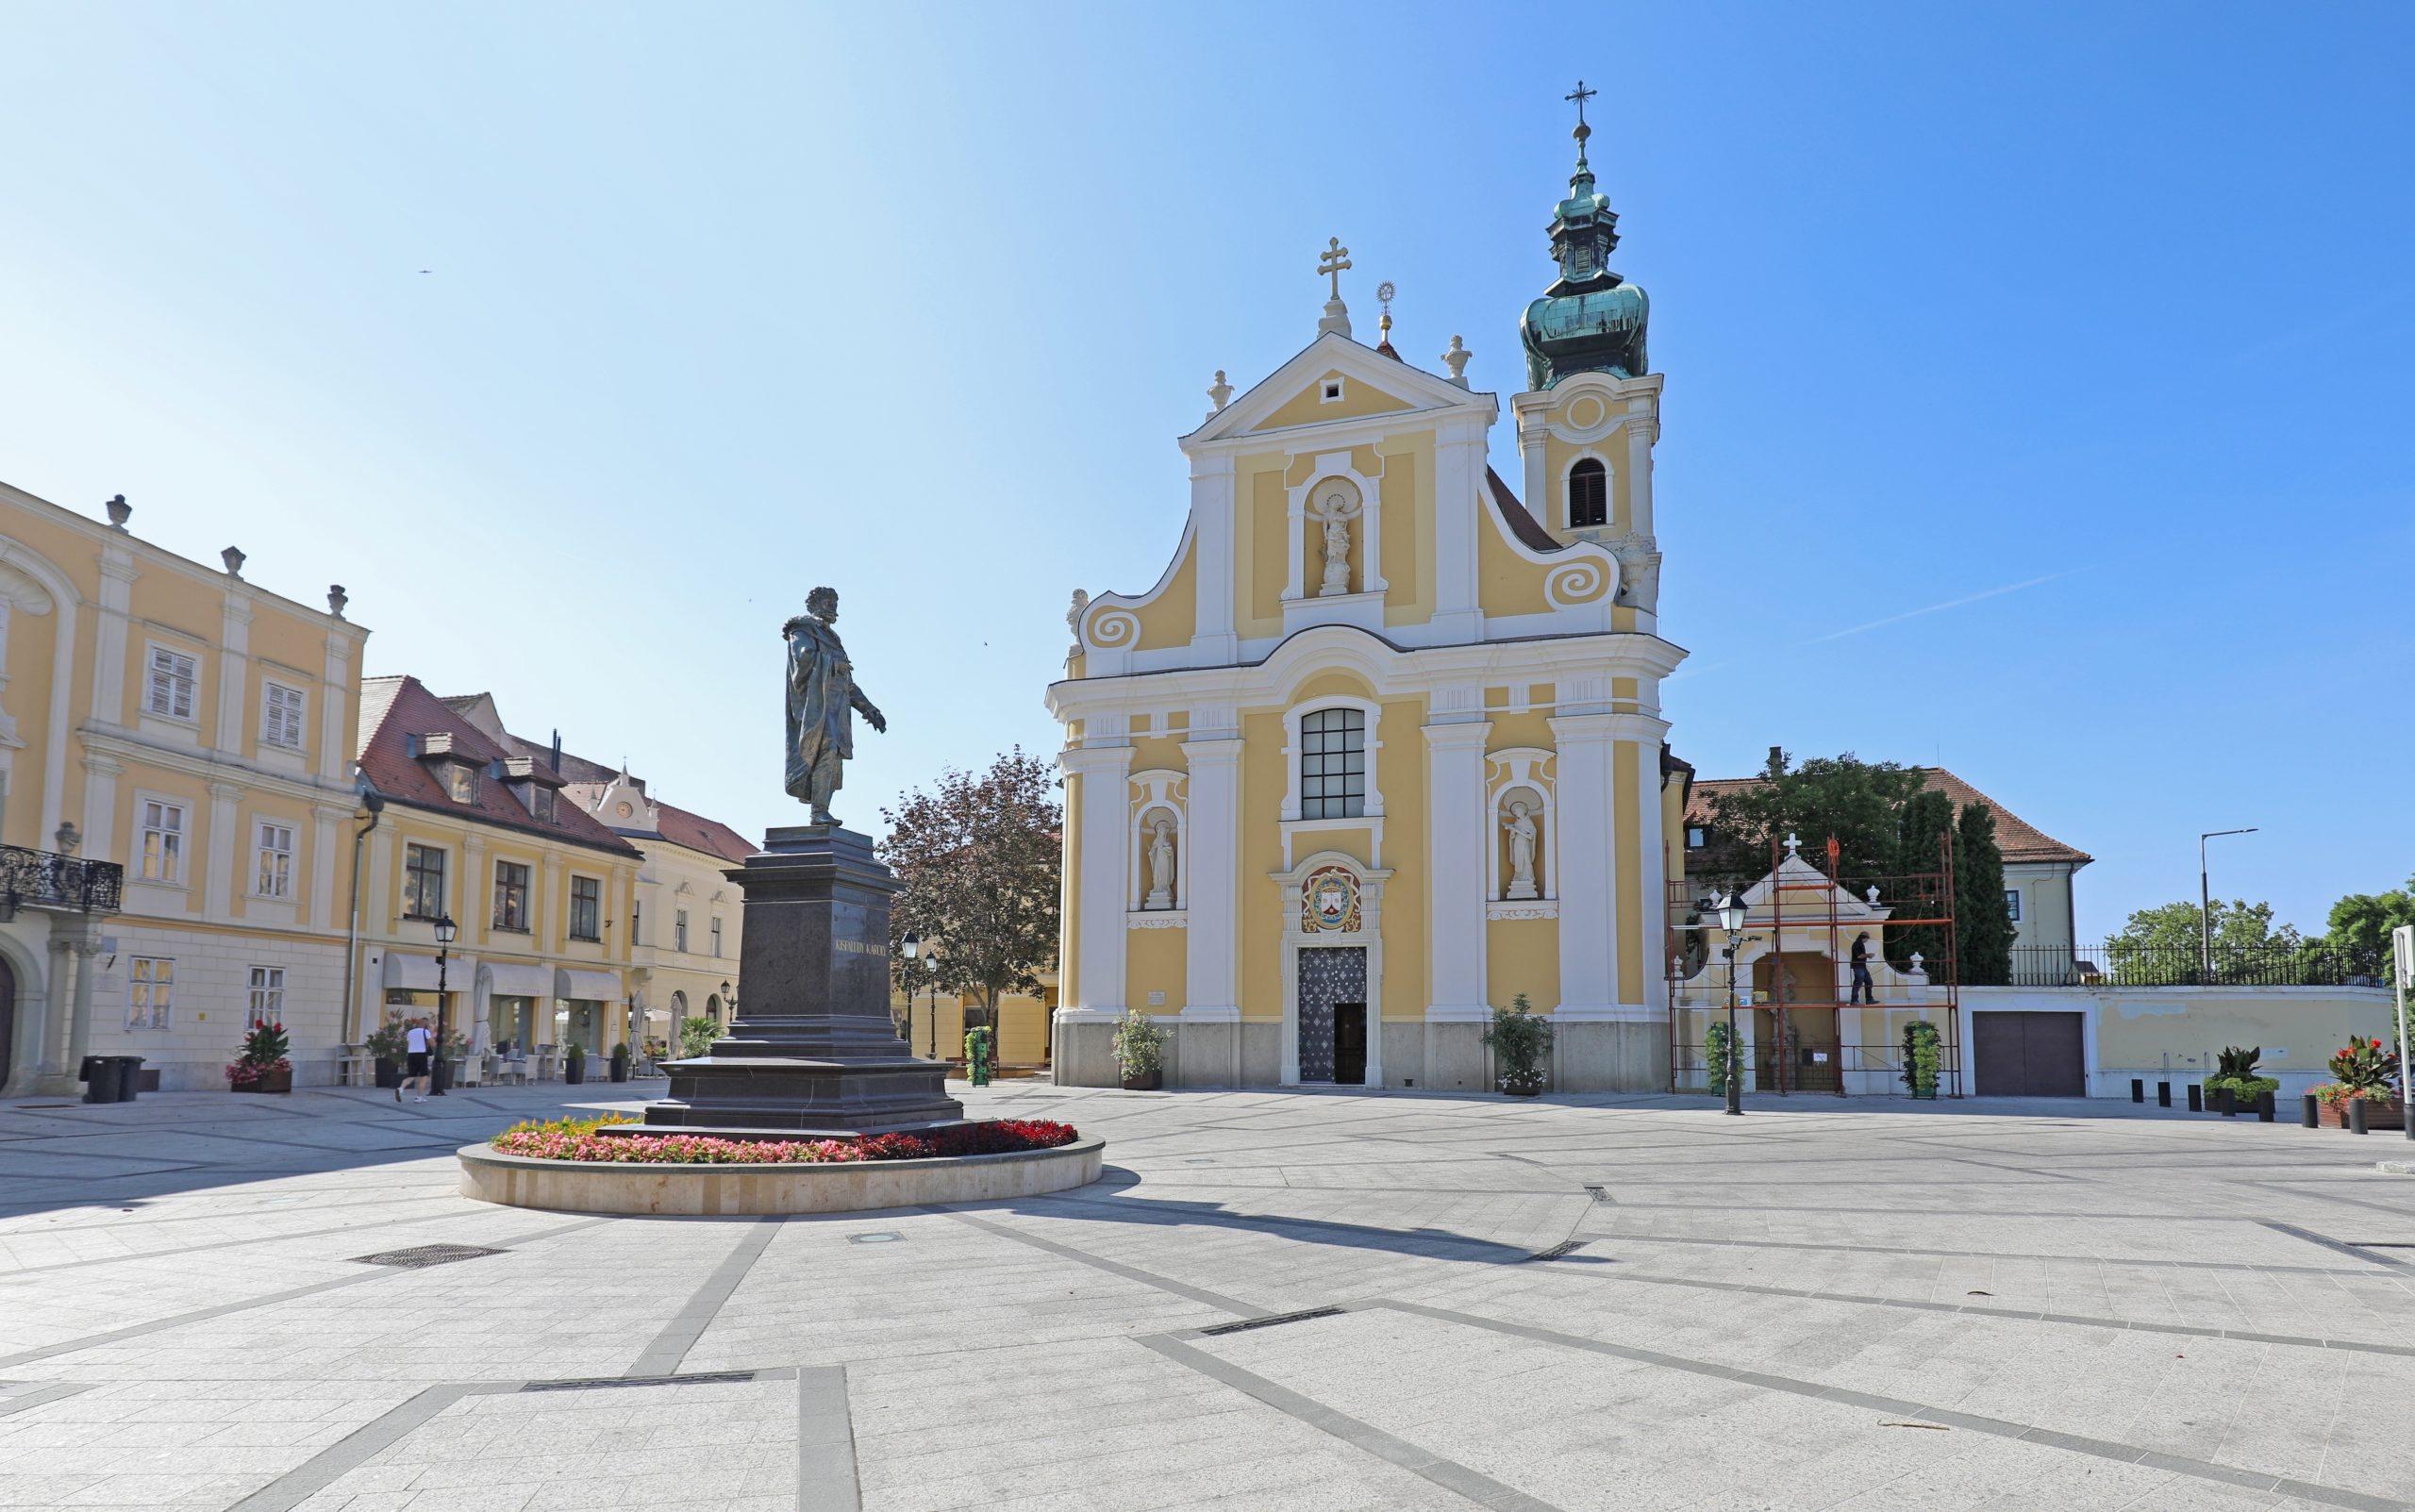 <a href='http://hellogyor.hu/en/sights/viennese-gate-square-becsi-kapu-ter/'>Viennese-Gate Square (Bécsi kapu tér)</a>